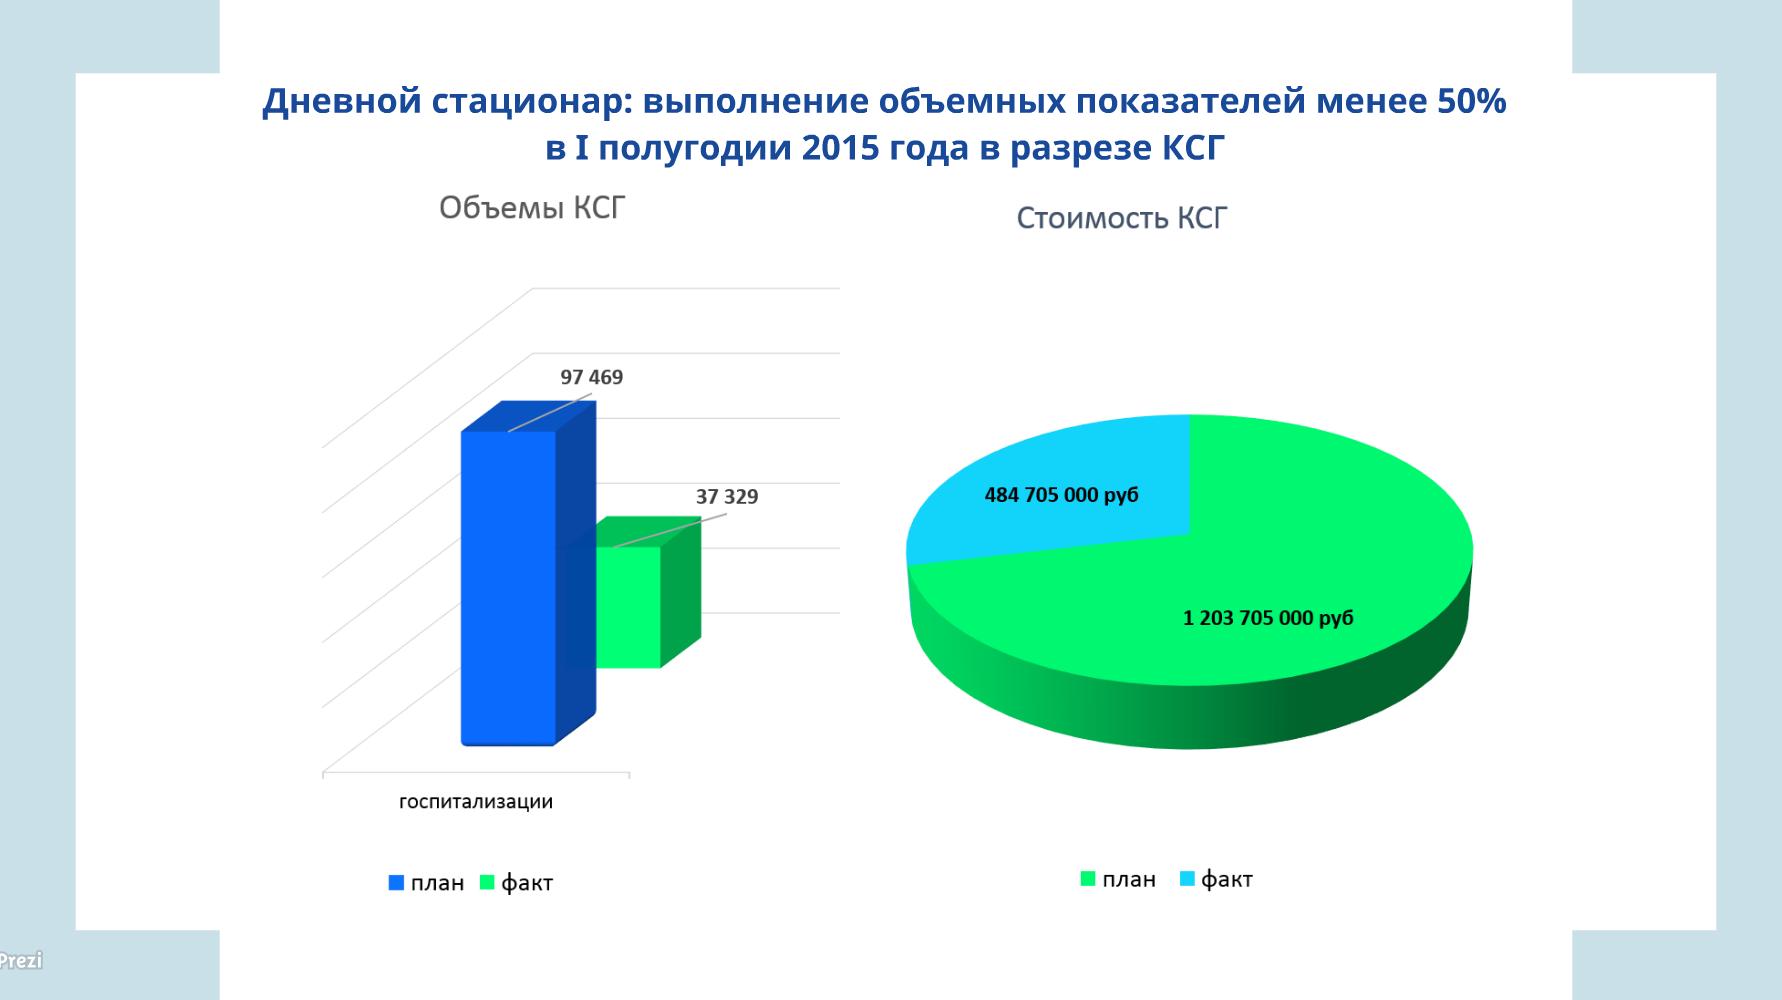 Академия медицинский центр ульяновск на стасова отзывы